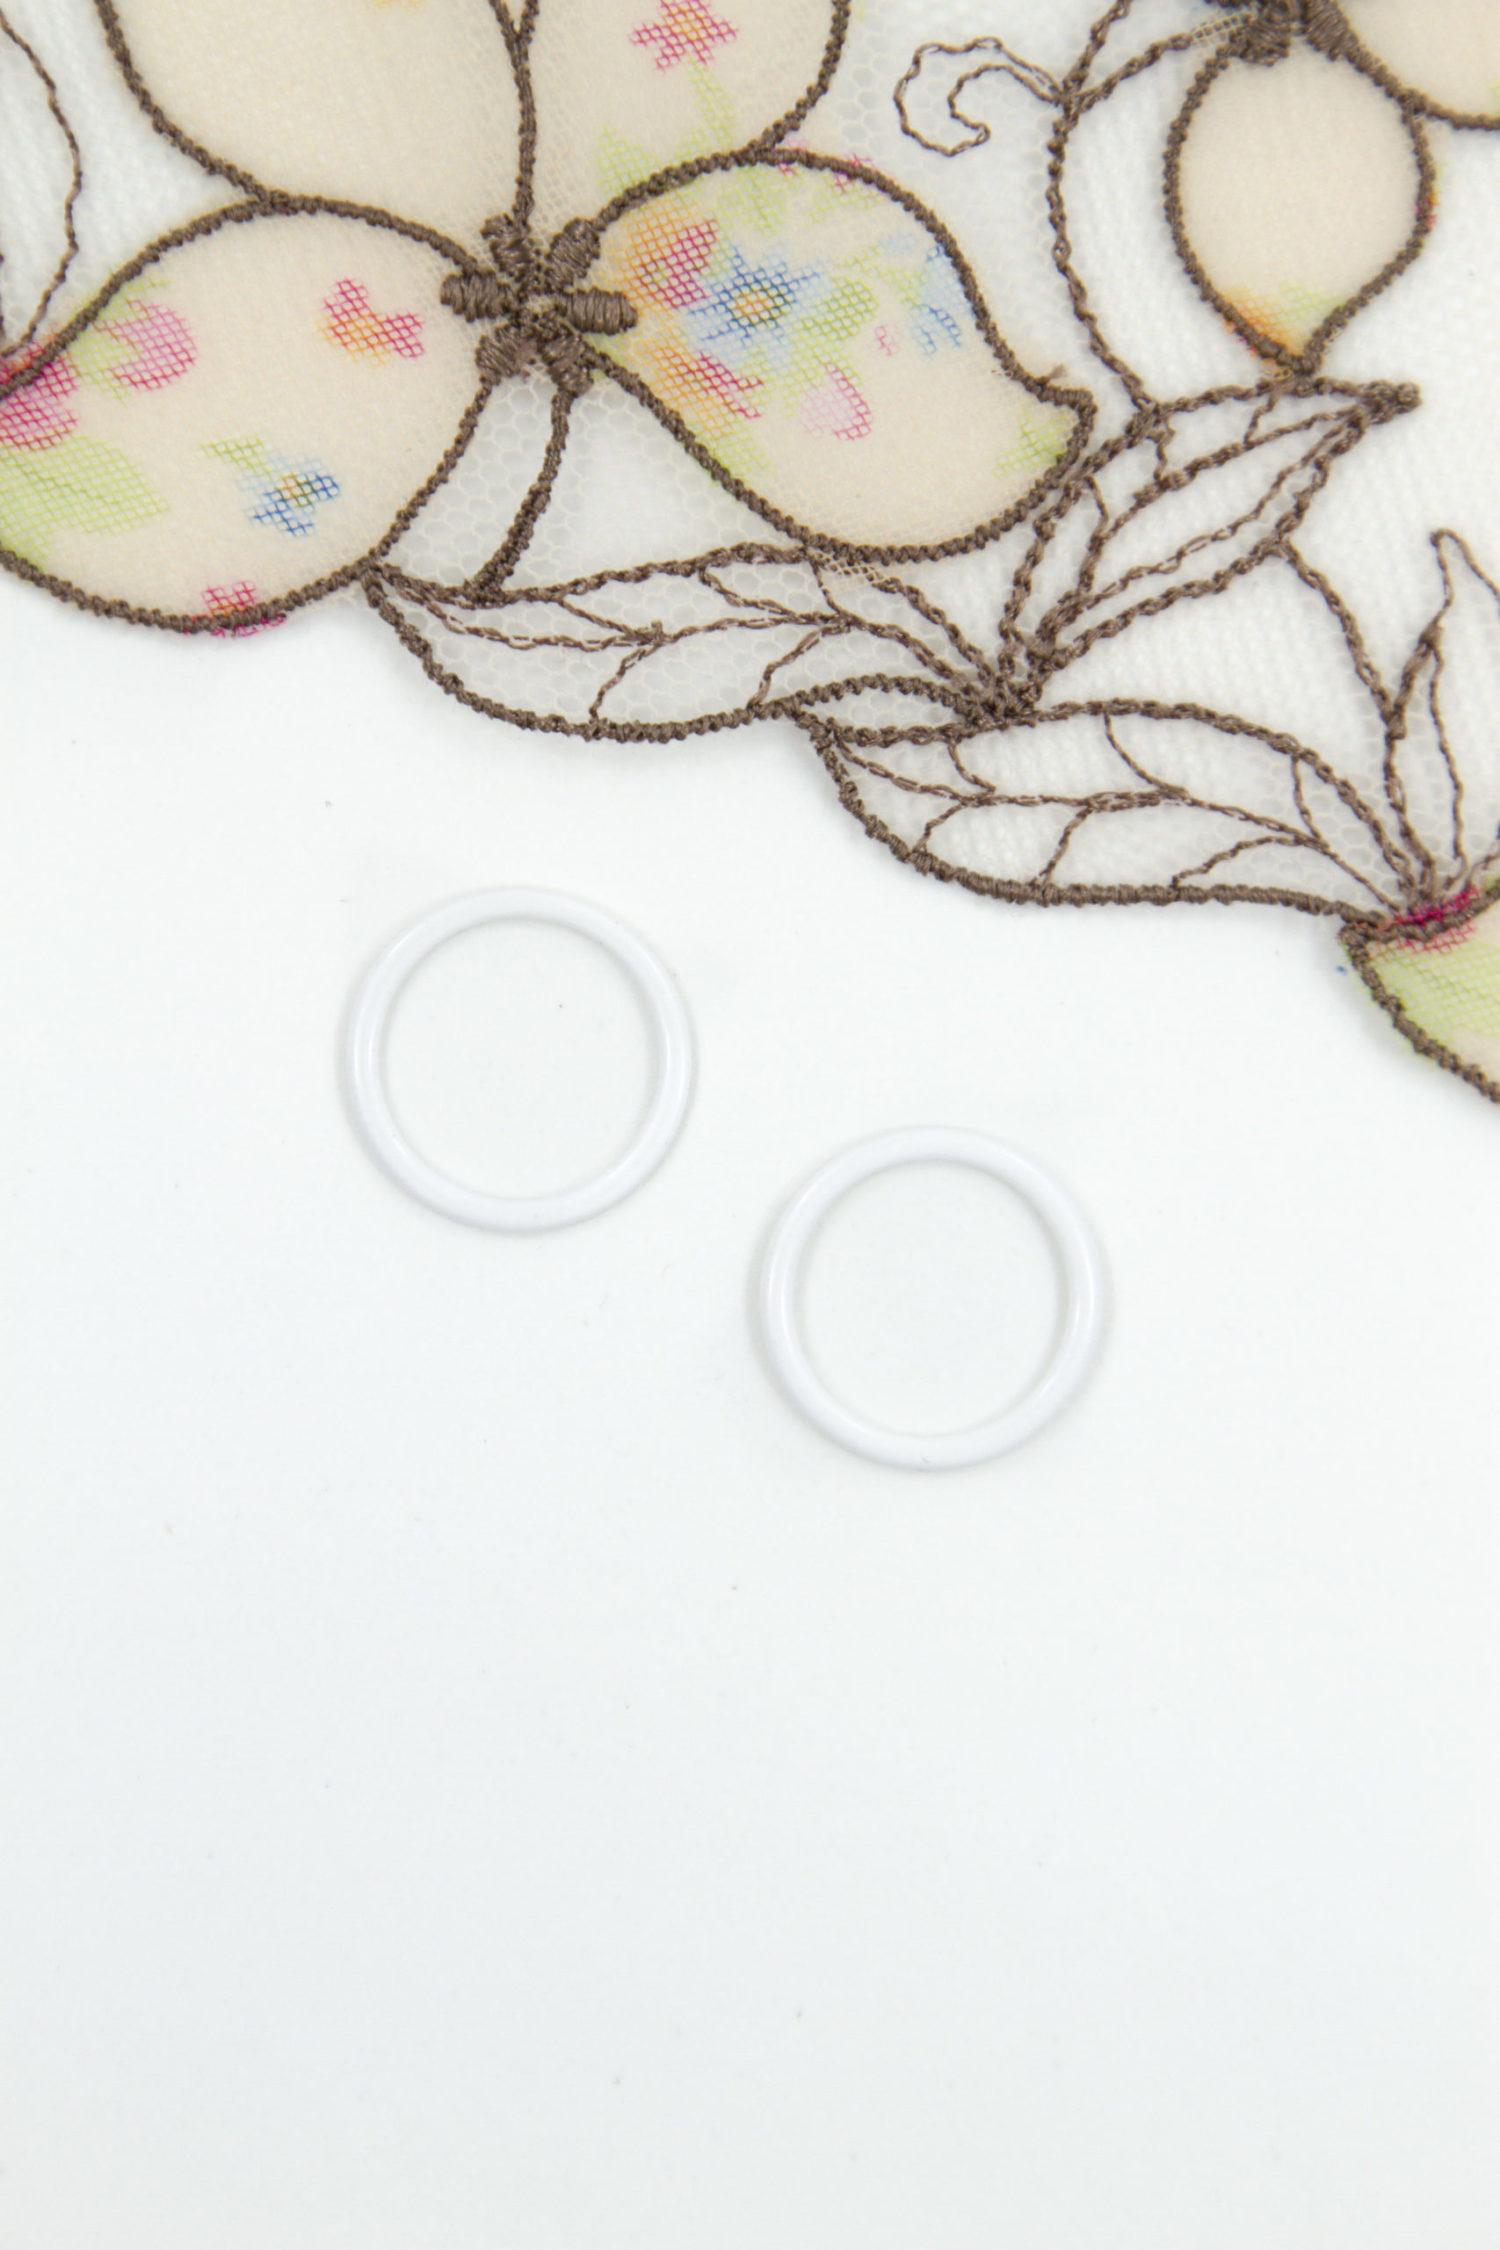 Кольцо металлическое бельевая фурнитура ∅0.6 см белое